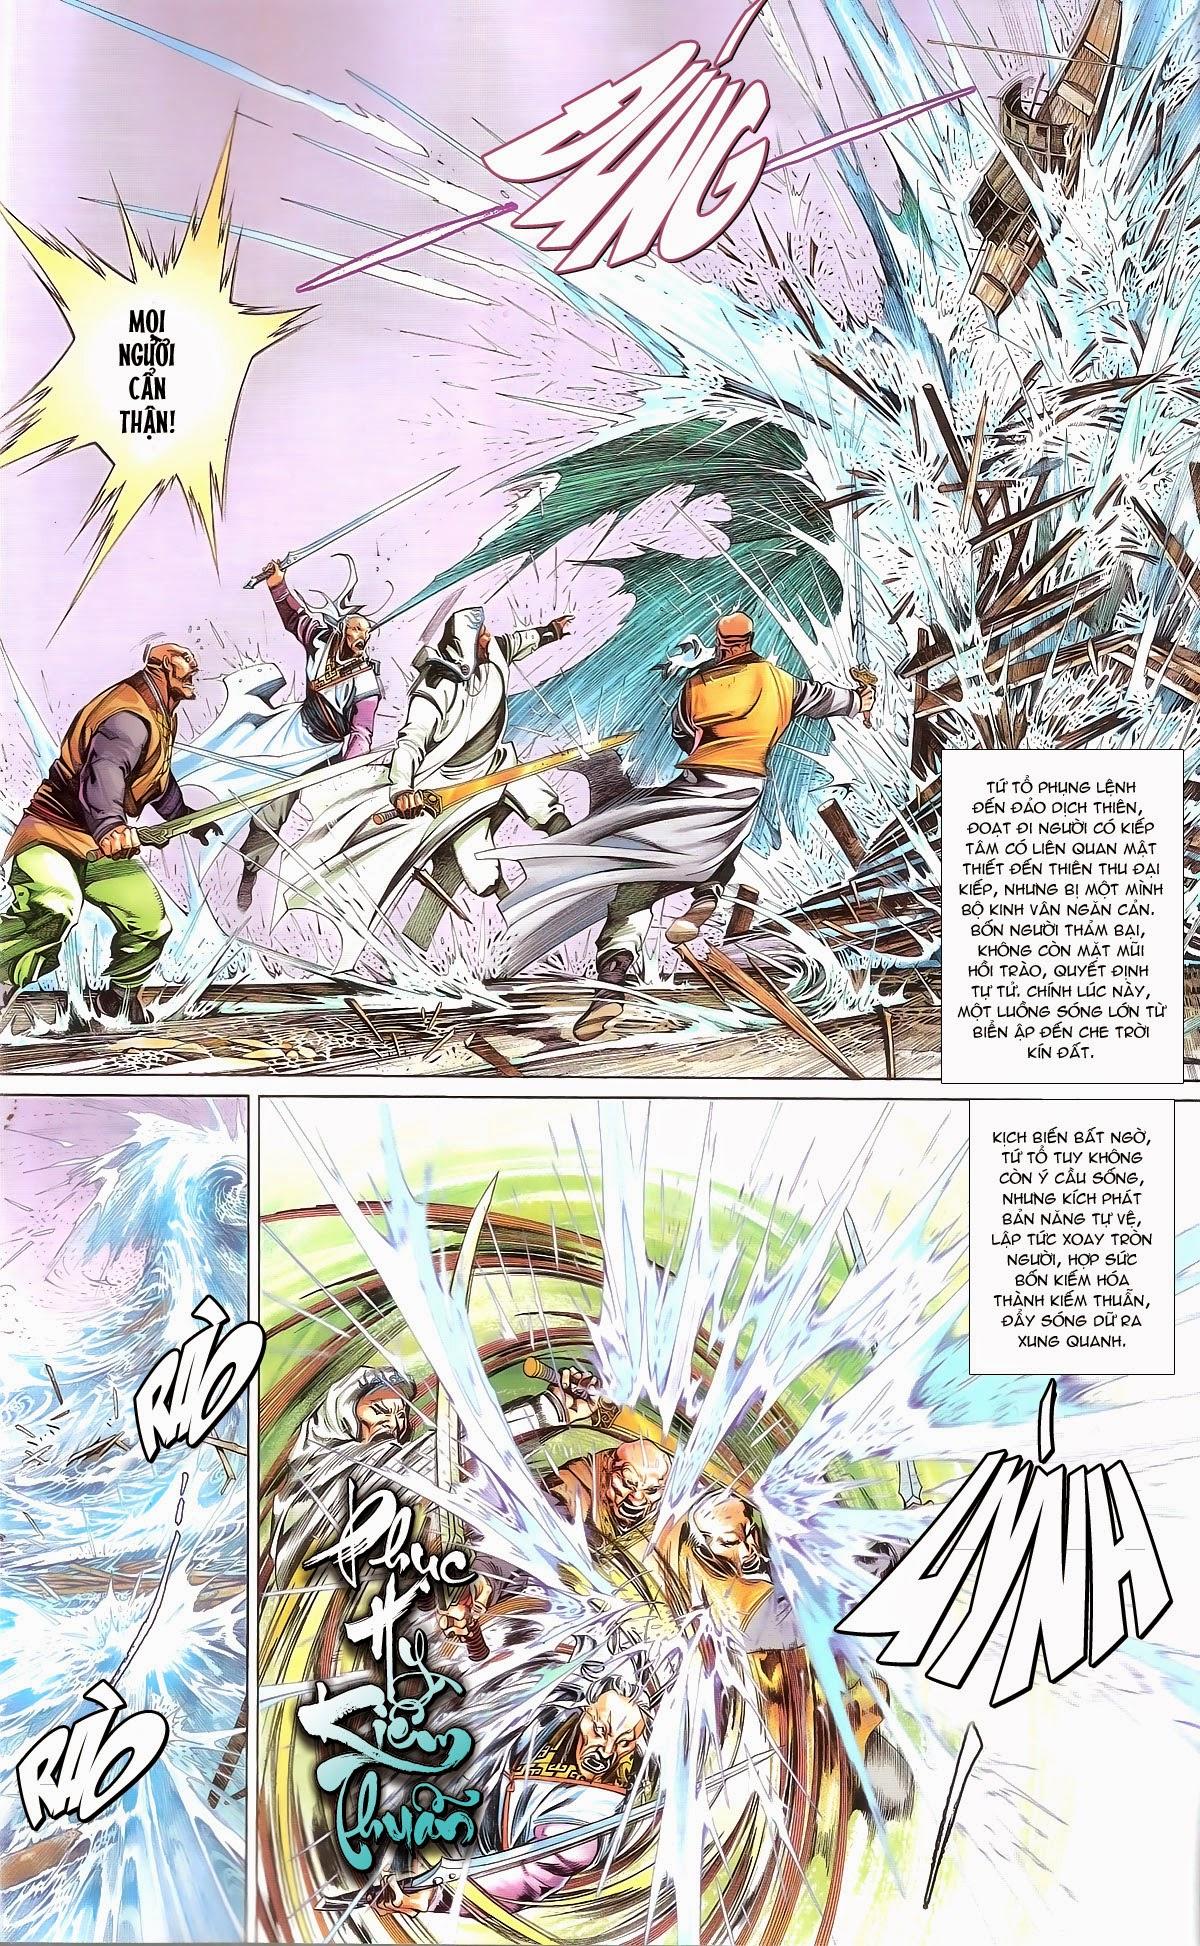 Phong Vân chap 674 – End Trang 5 - Mangak.info